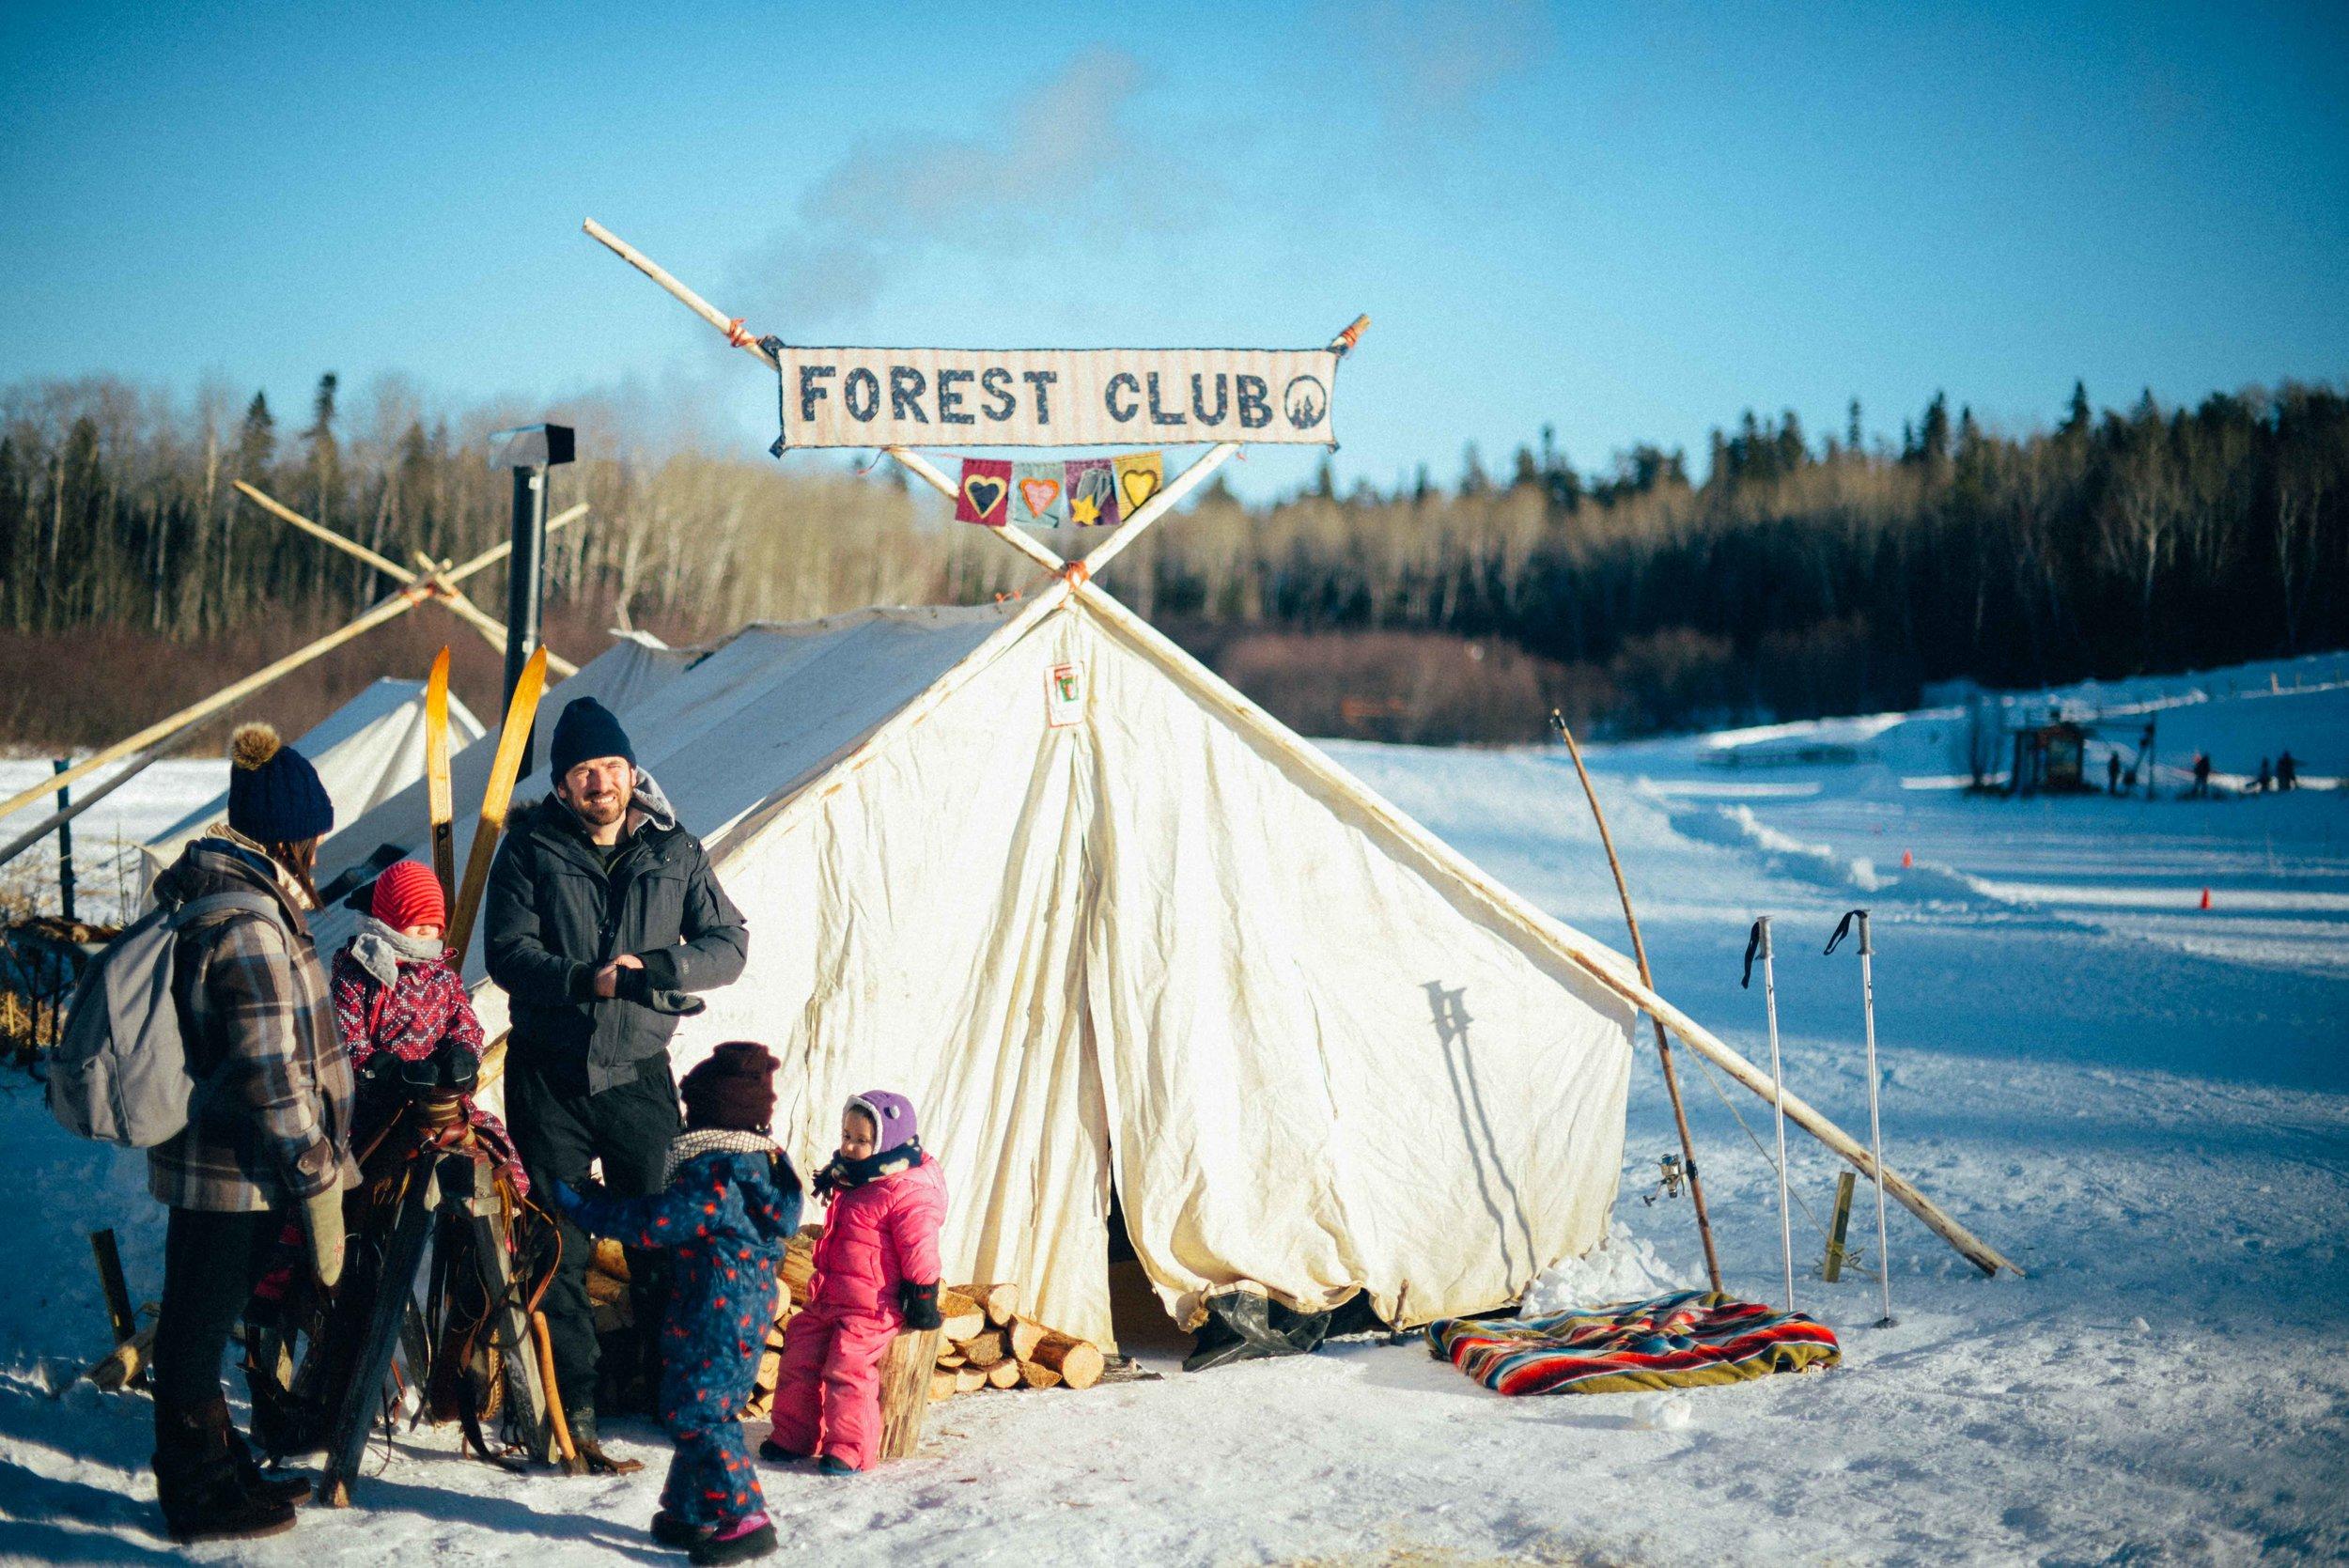 forest_club-3530.jpg